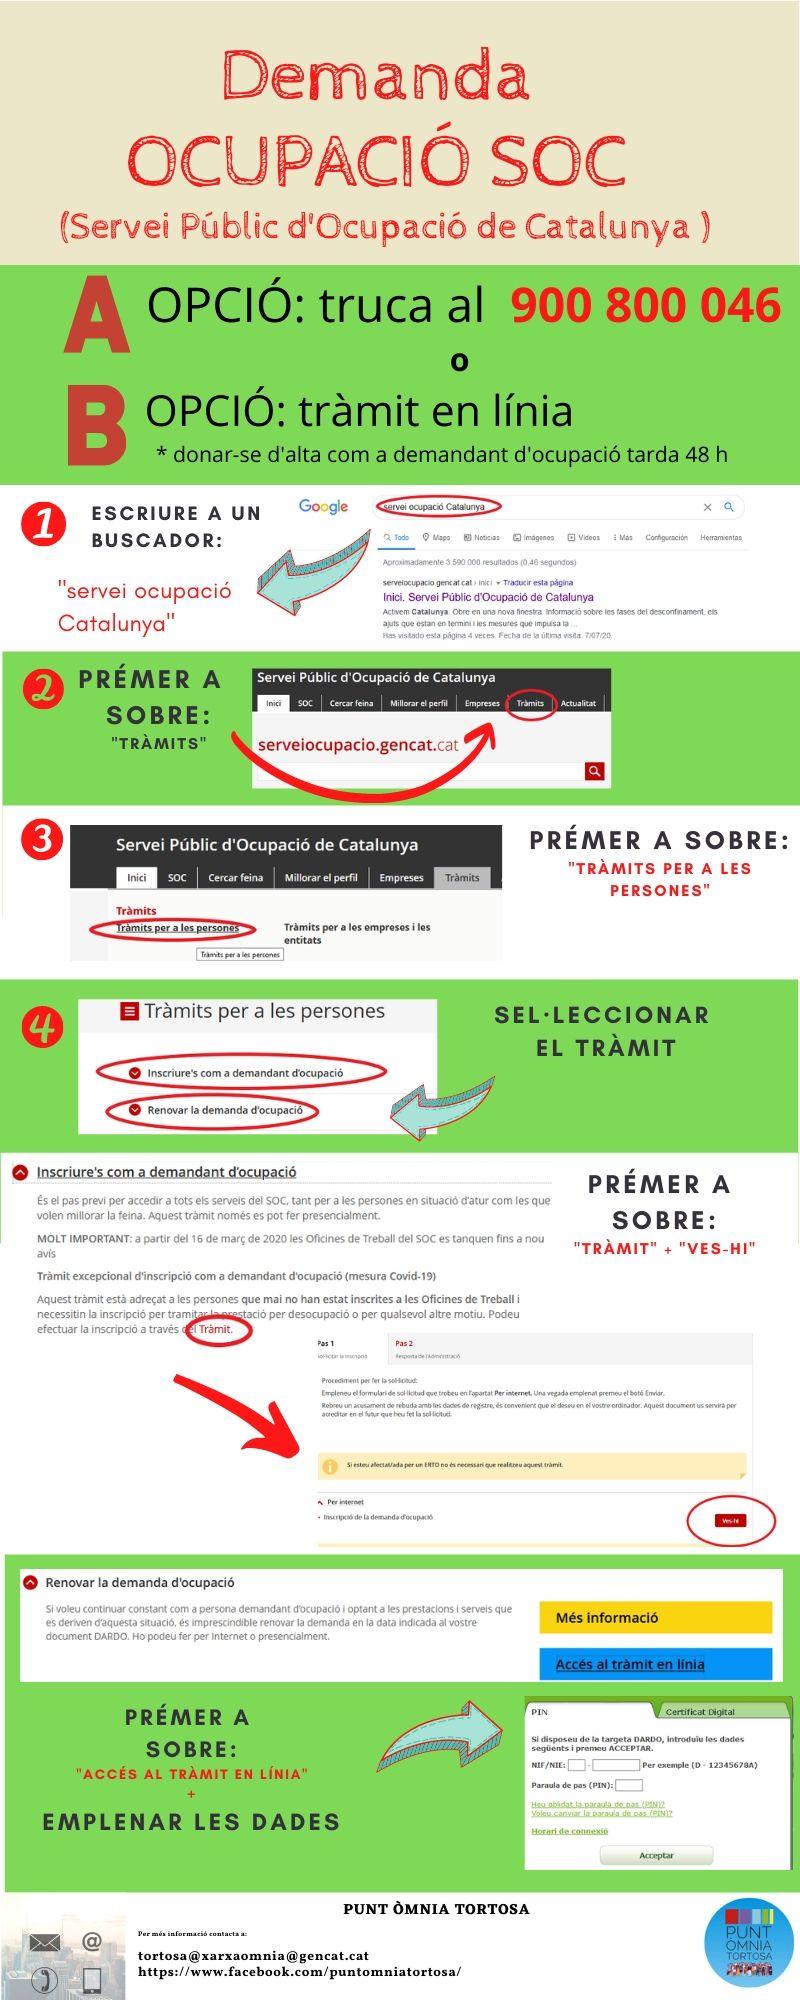 Infografia sobre com inscriure's com a demandant d'ocupació al SOC